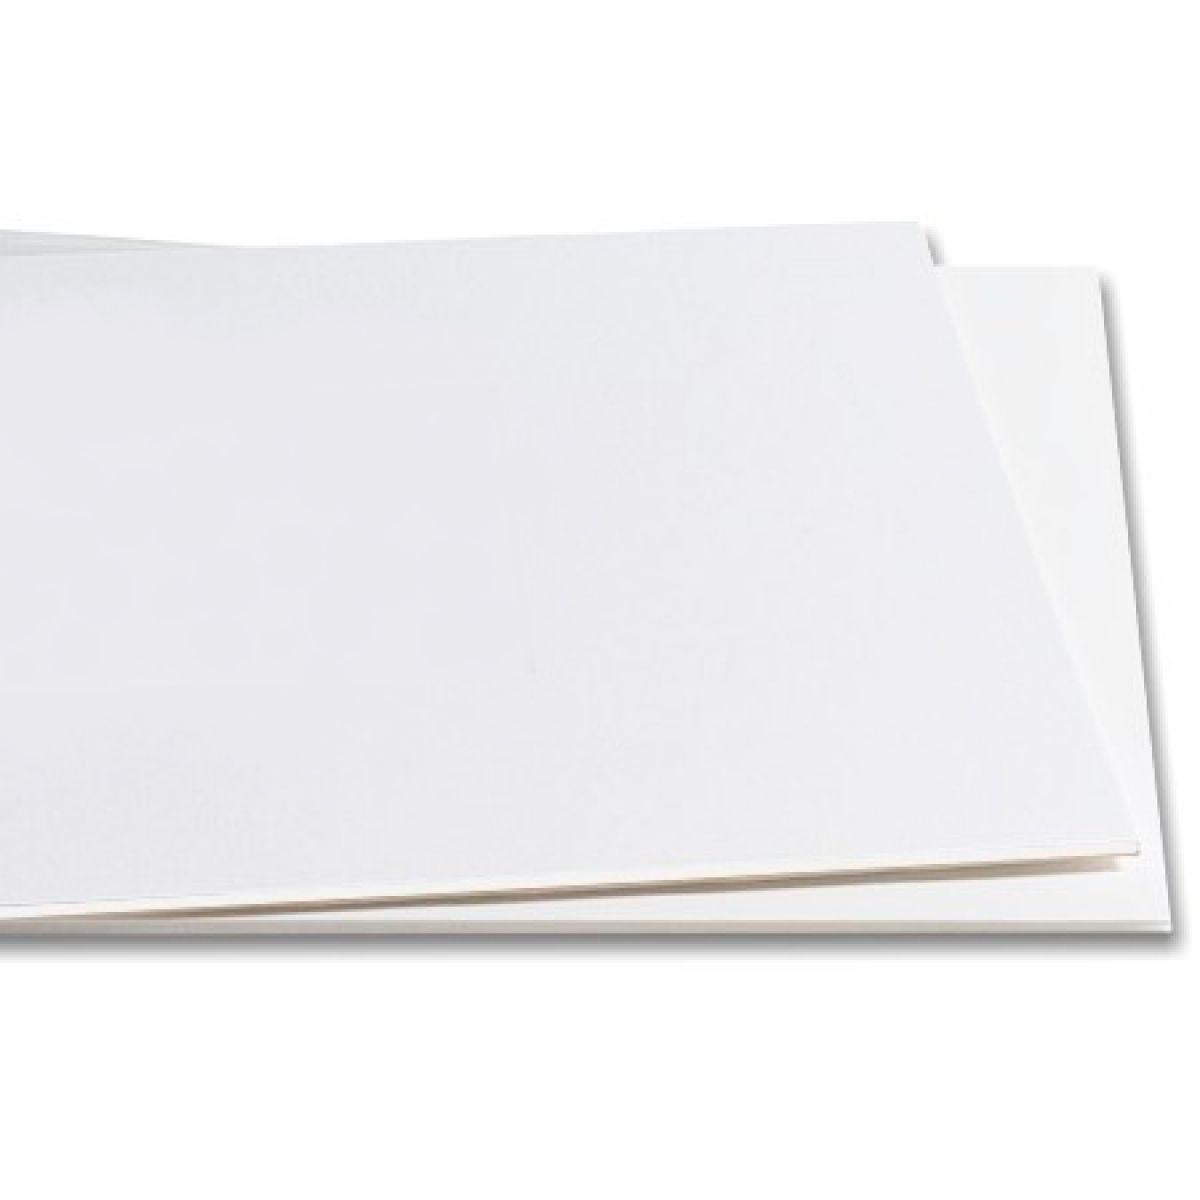 Papel Couche Brilho 150g A3 Embalagem Com 50 Folhas Phandora